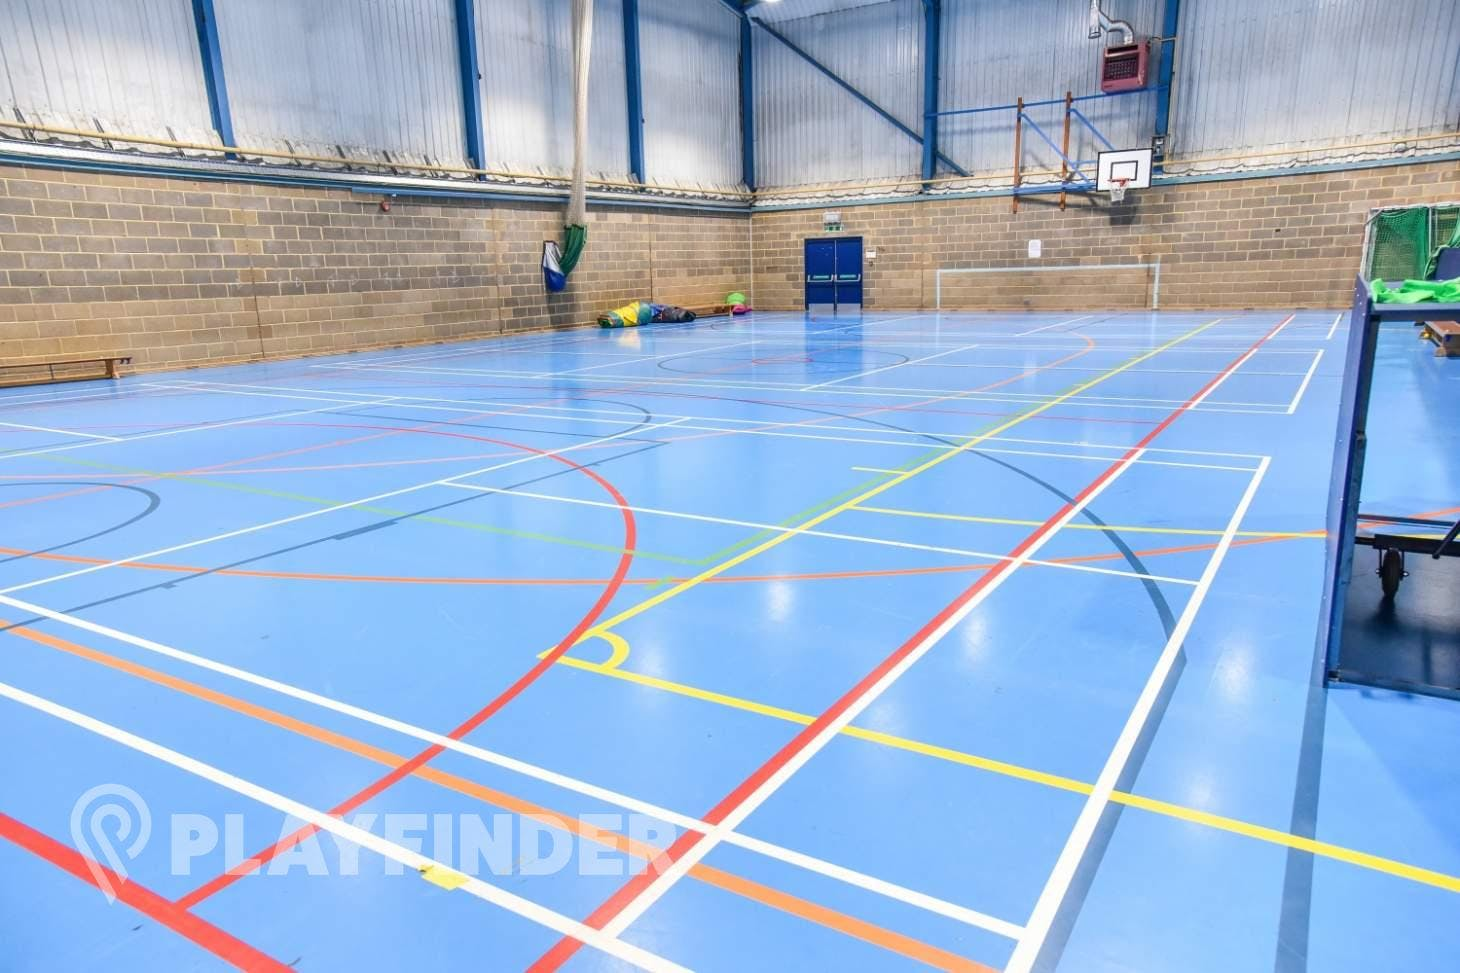 Aldenham School Sports Centre